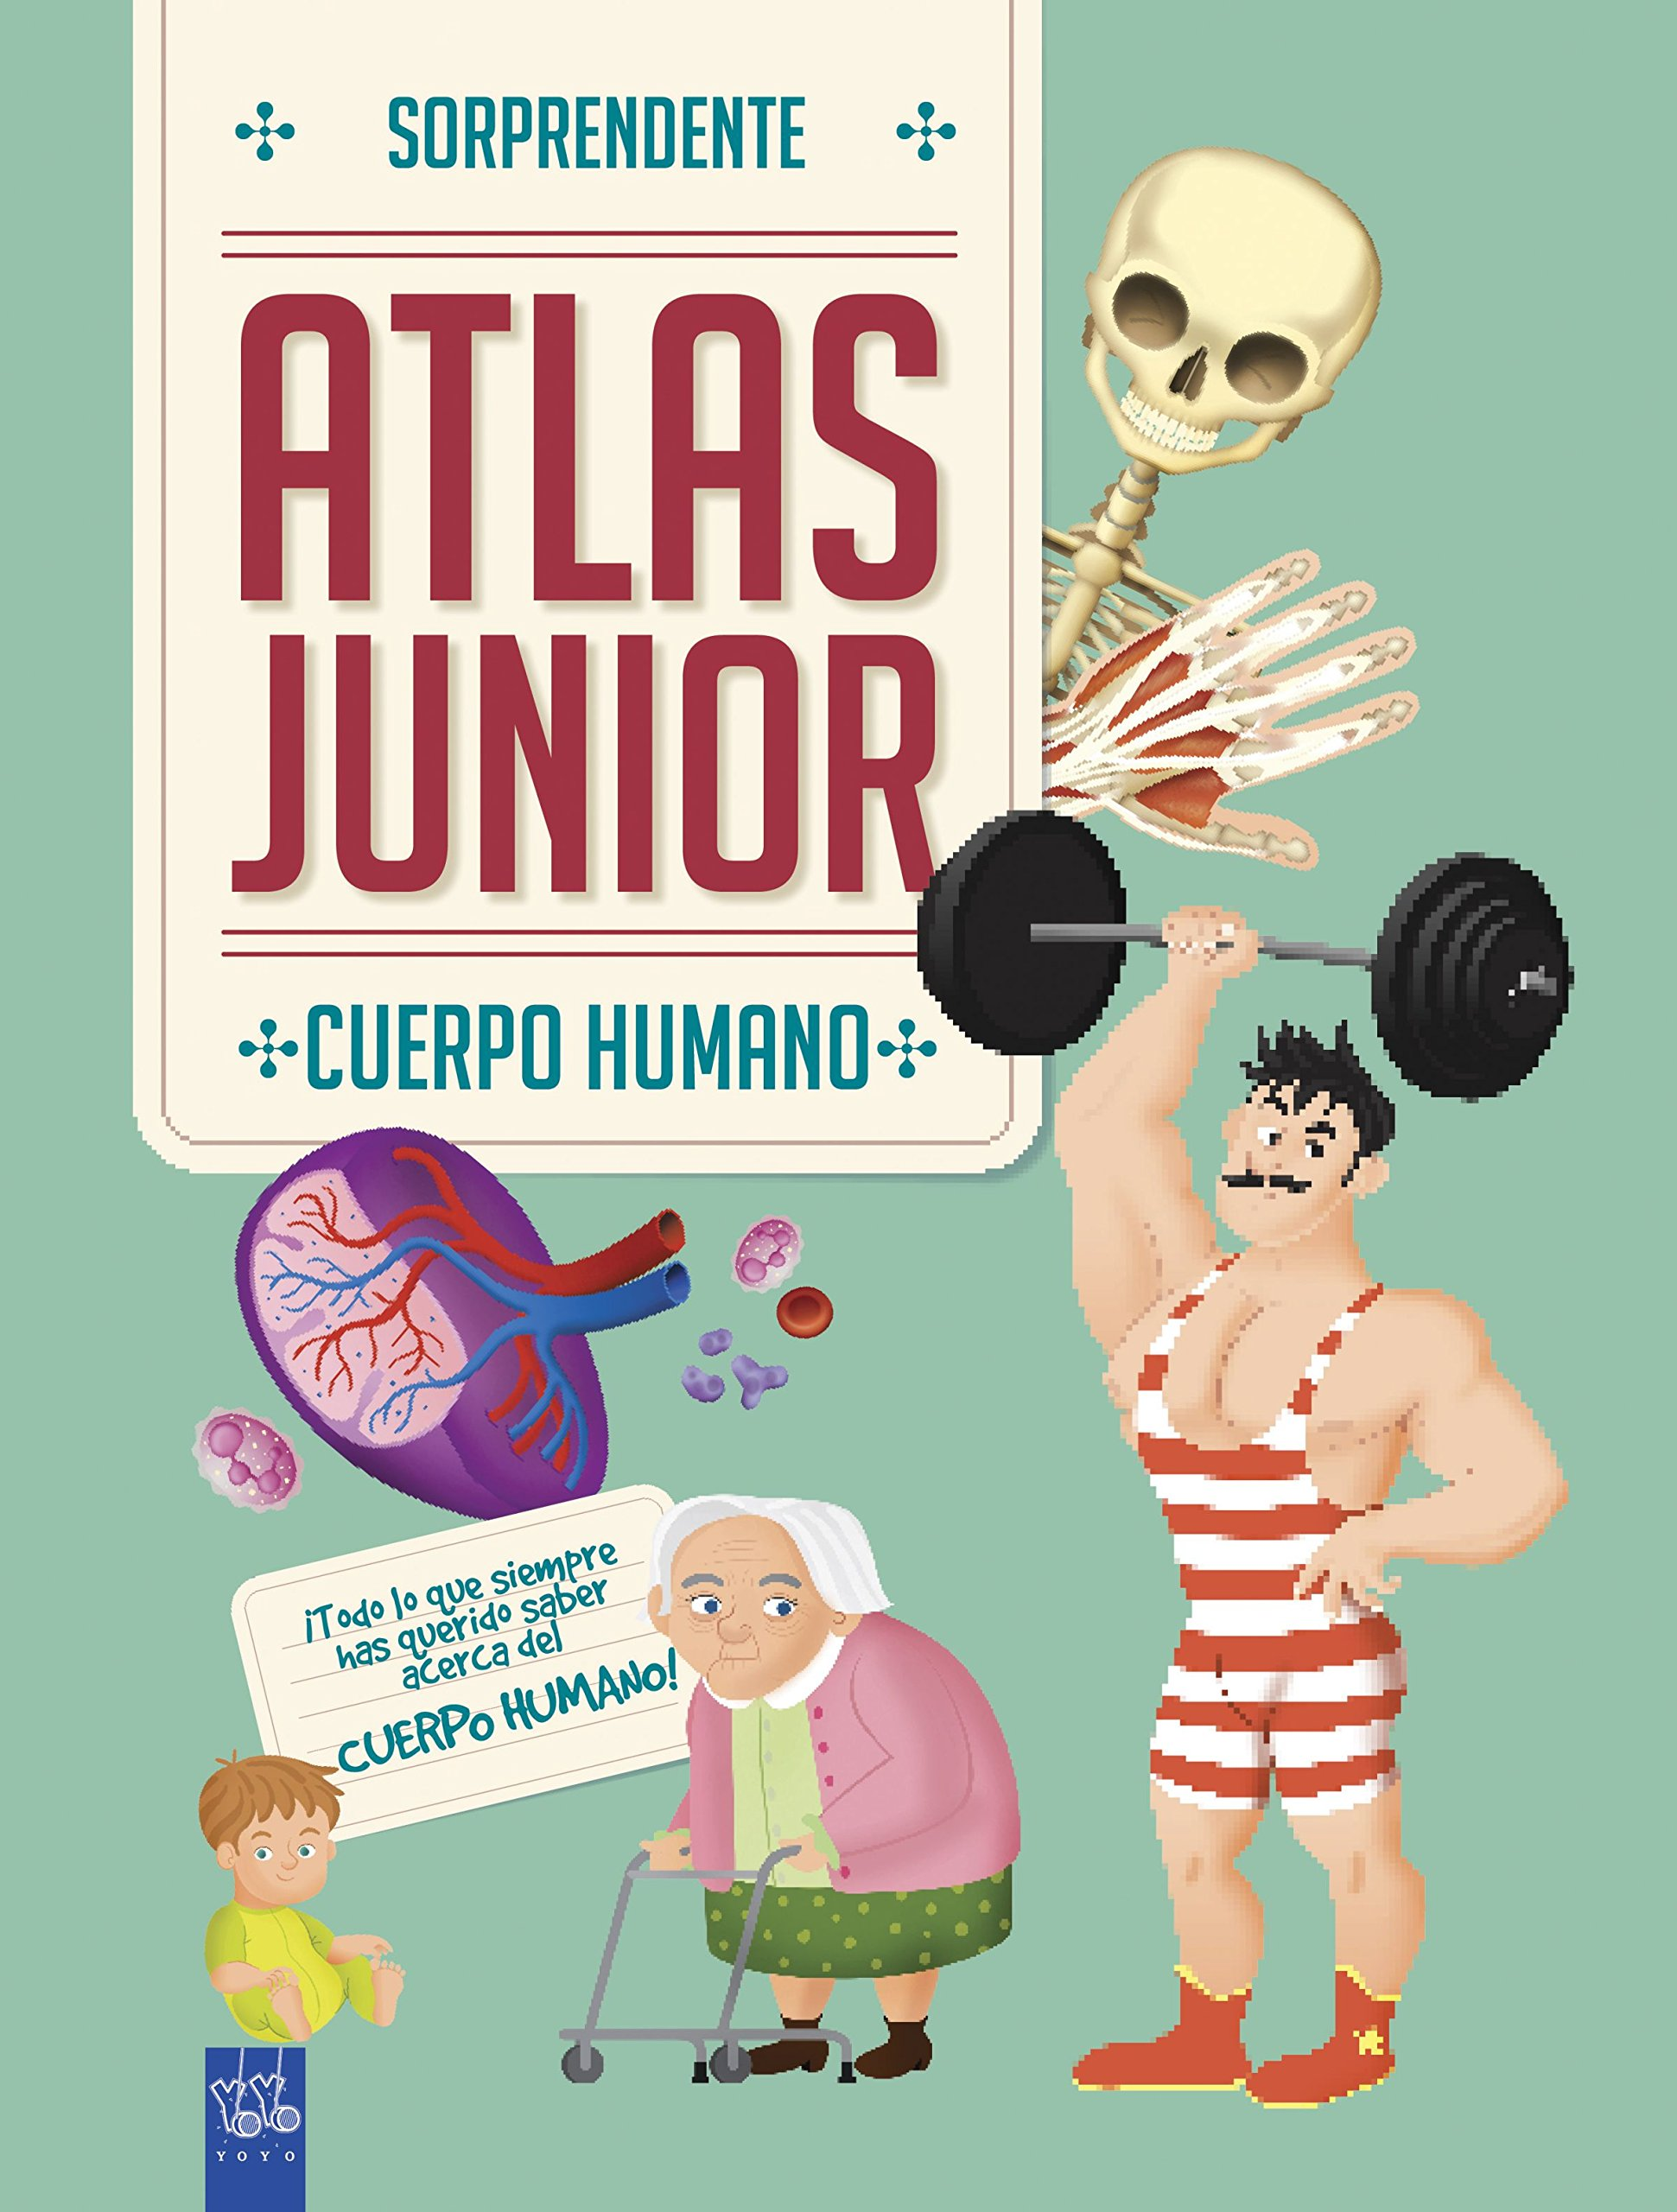 Cuerpo humano: Sorprendente Atlas Junior: Amazon.es: YOYO, S.A. Editorial  Planeta: Libros